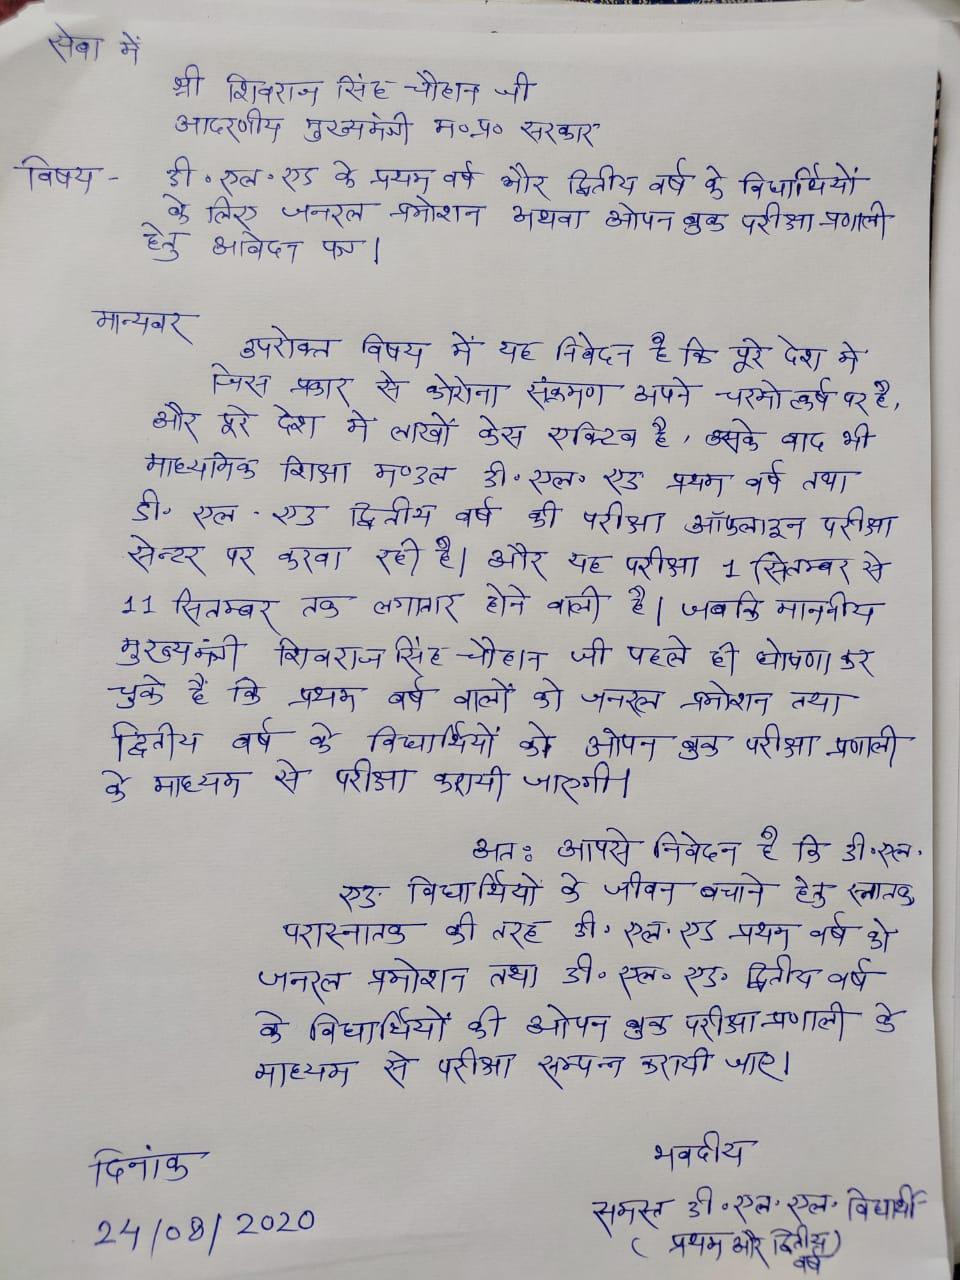 परीक्षार्थी लिख रहे सीएम को पत्र